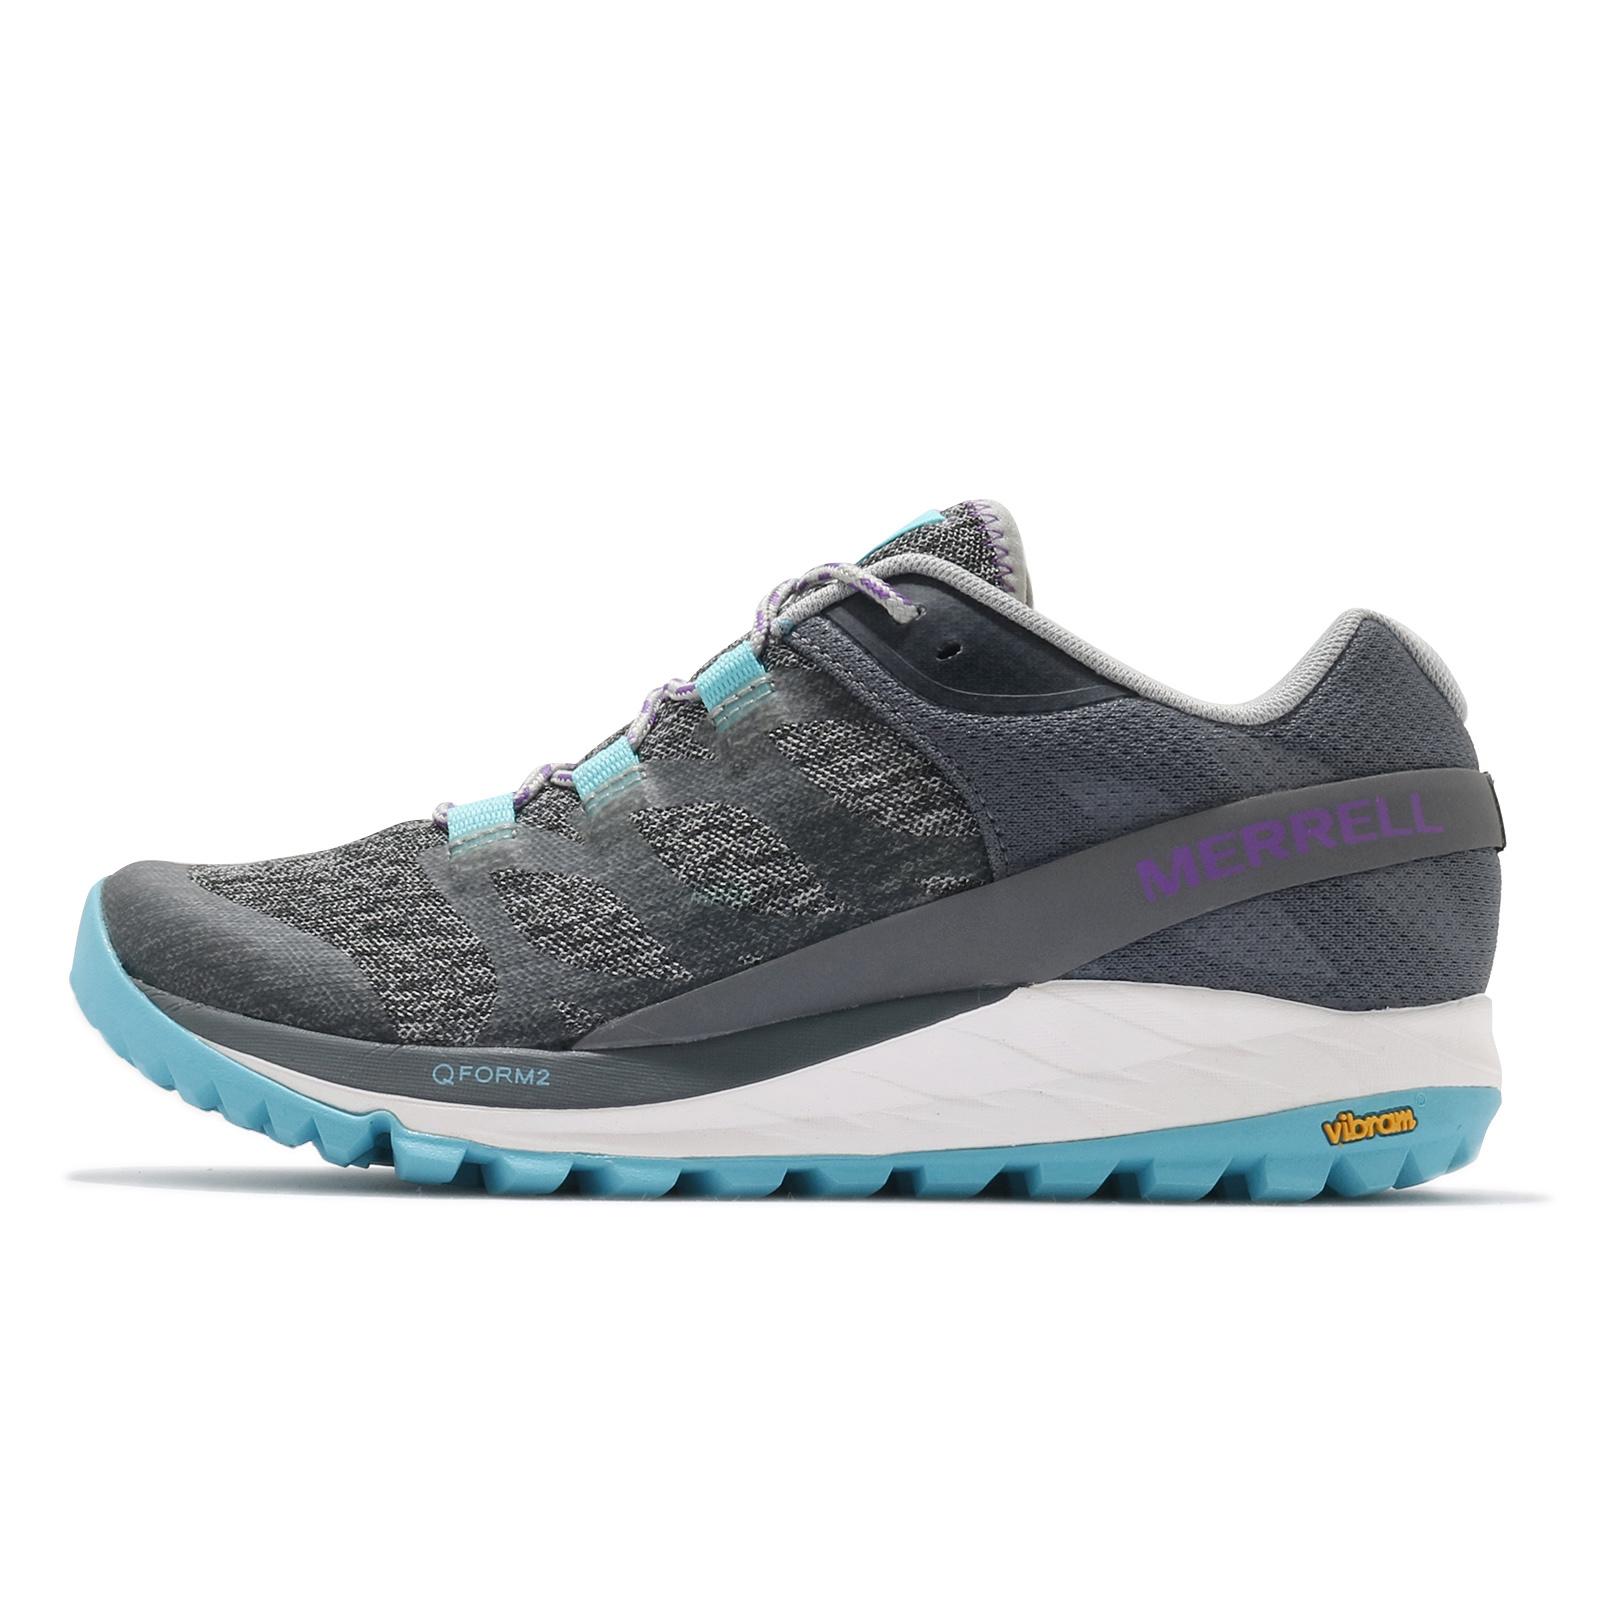 Merrell 戶外鞋 Antora 灰 白 藍 黃金大底 Vibram 低筒 女鞋 登山鞋【ACS】 ML066126